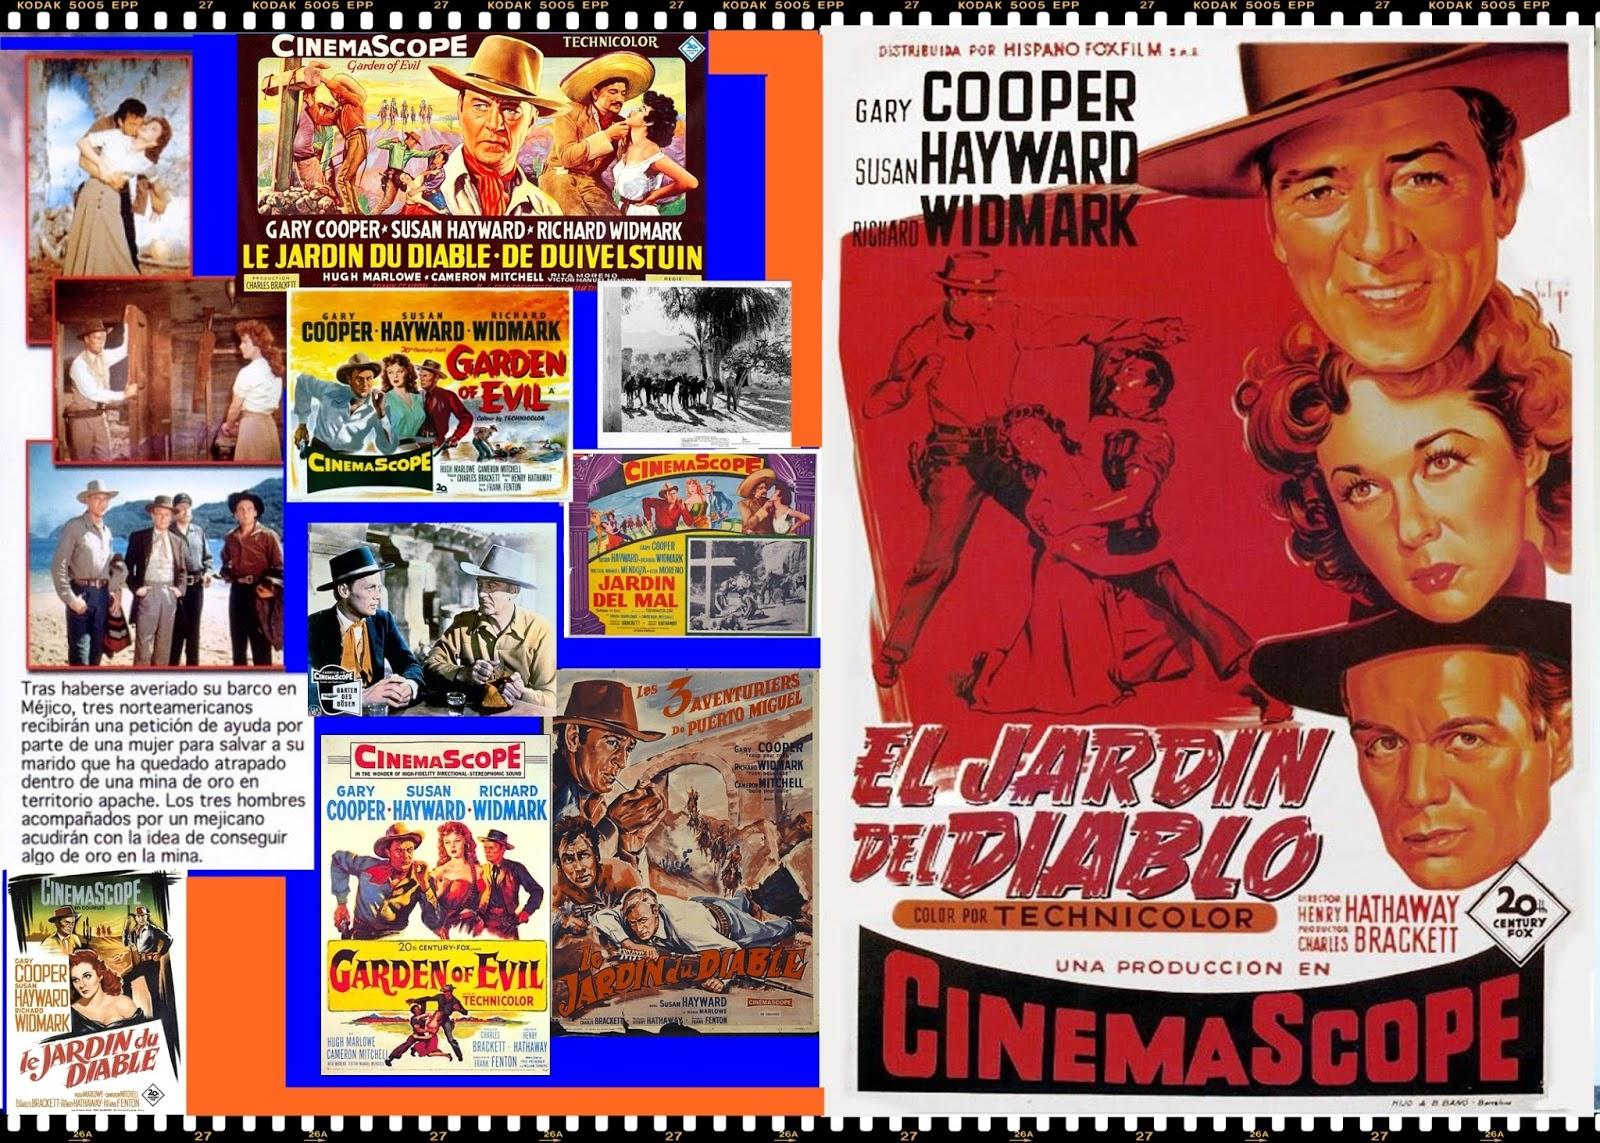 El mundo del cartel el jard n del diablo for El jardin del diablo gary cooper